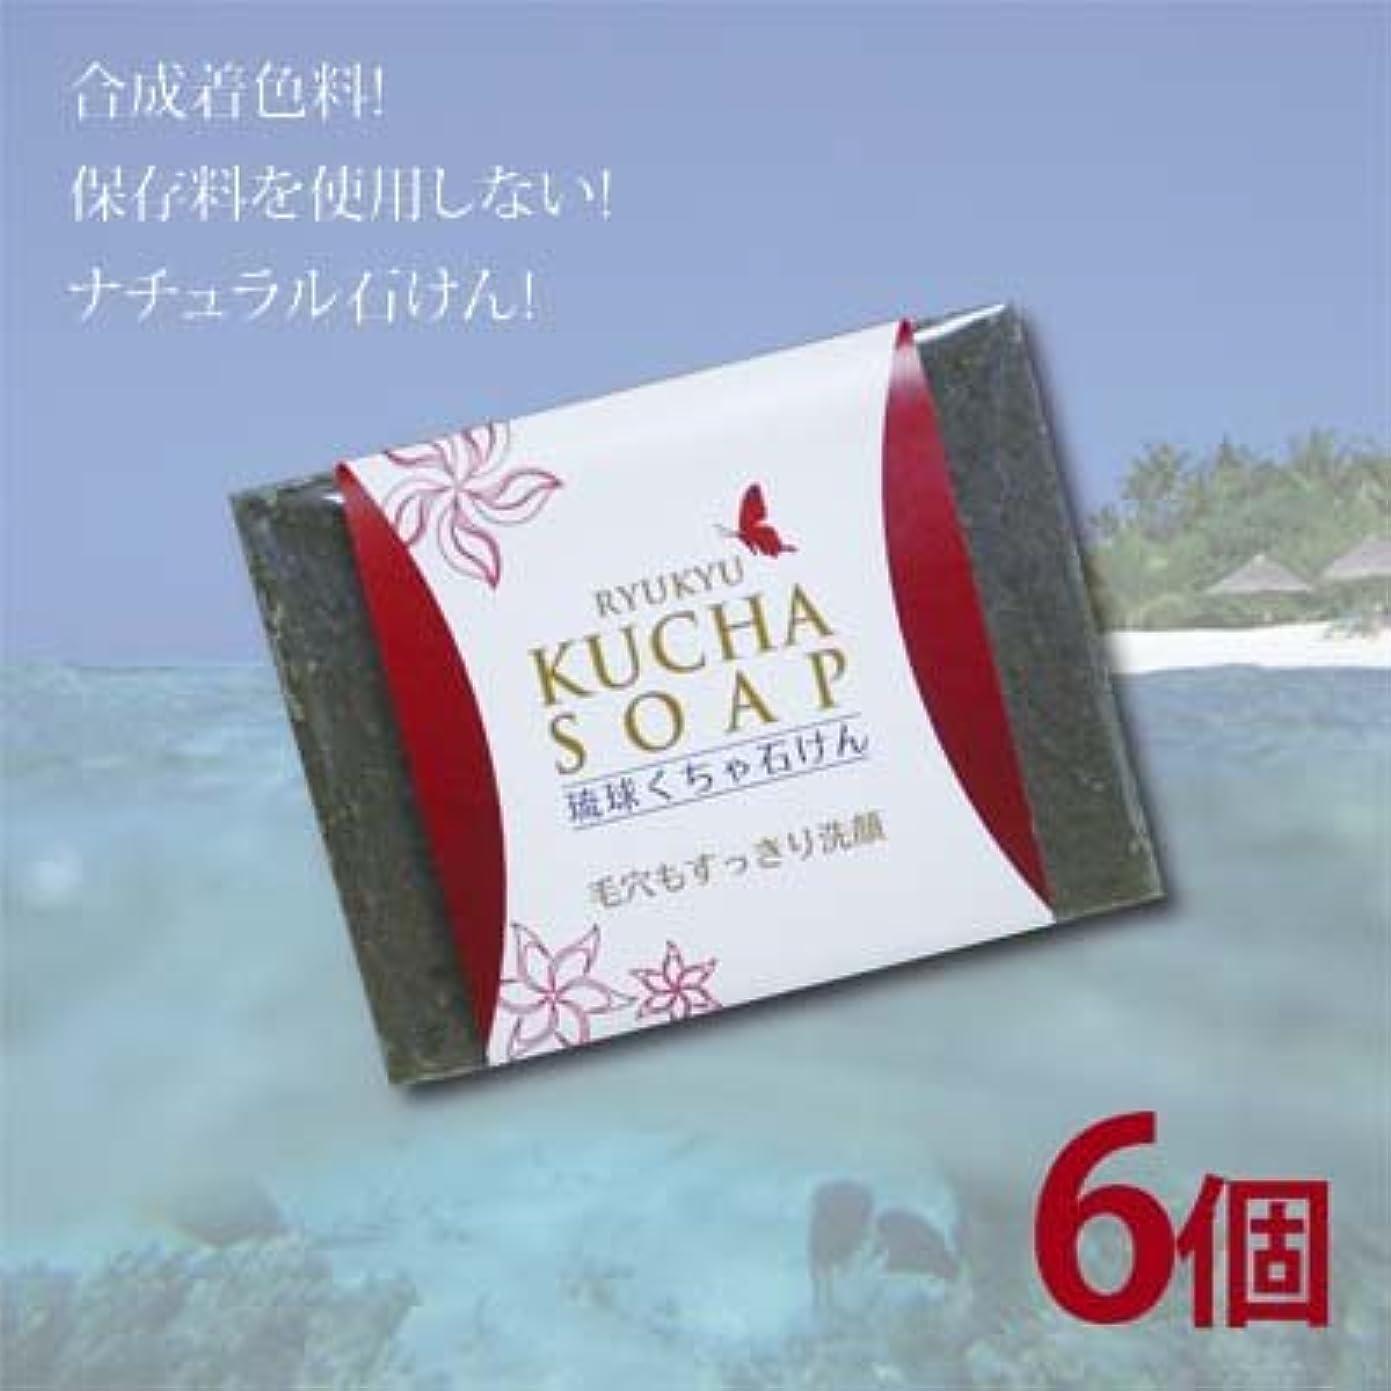 お願いします眠いです終わり沖縄産琉球クチャ石けん(1個120g)6個